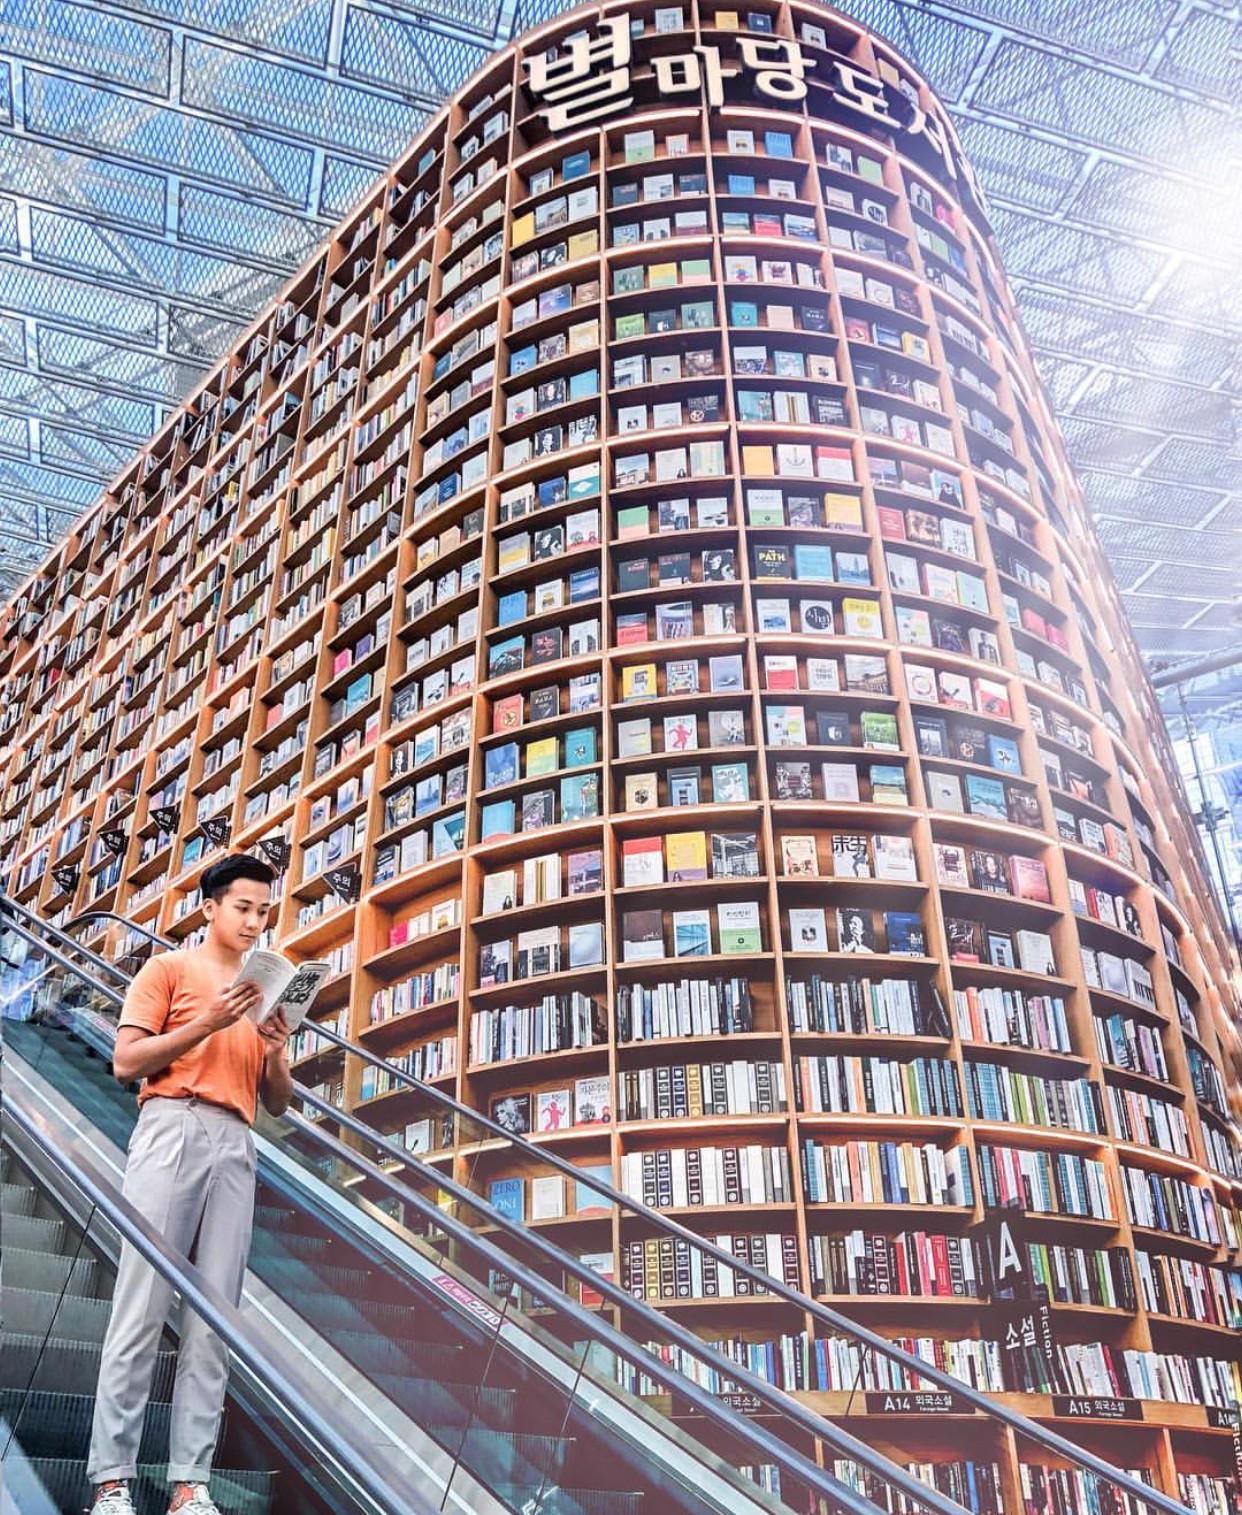 Thư viện khổng lồ nằm ở tận Seoul nhưng bạn trẻ Việt Nam nào đến đây cũng phải check-in cho bằng được! - Ảnh 16.